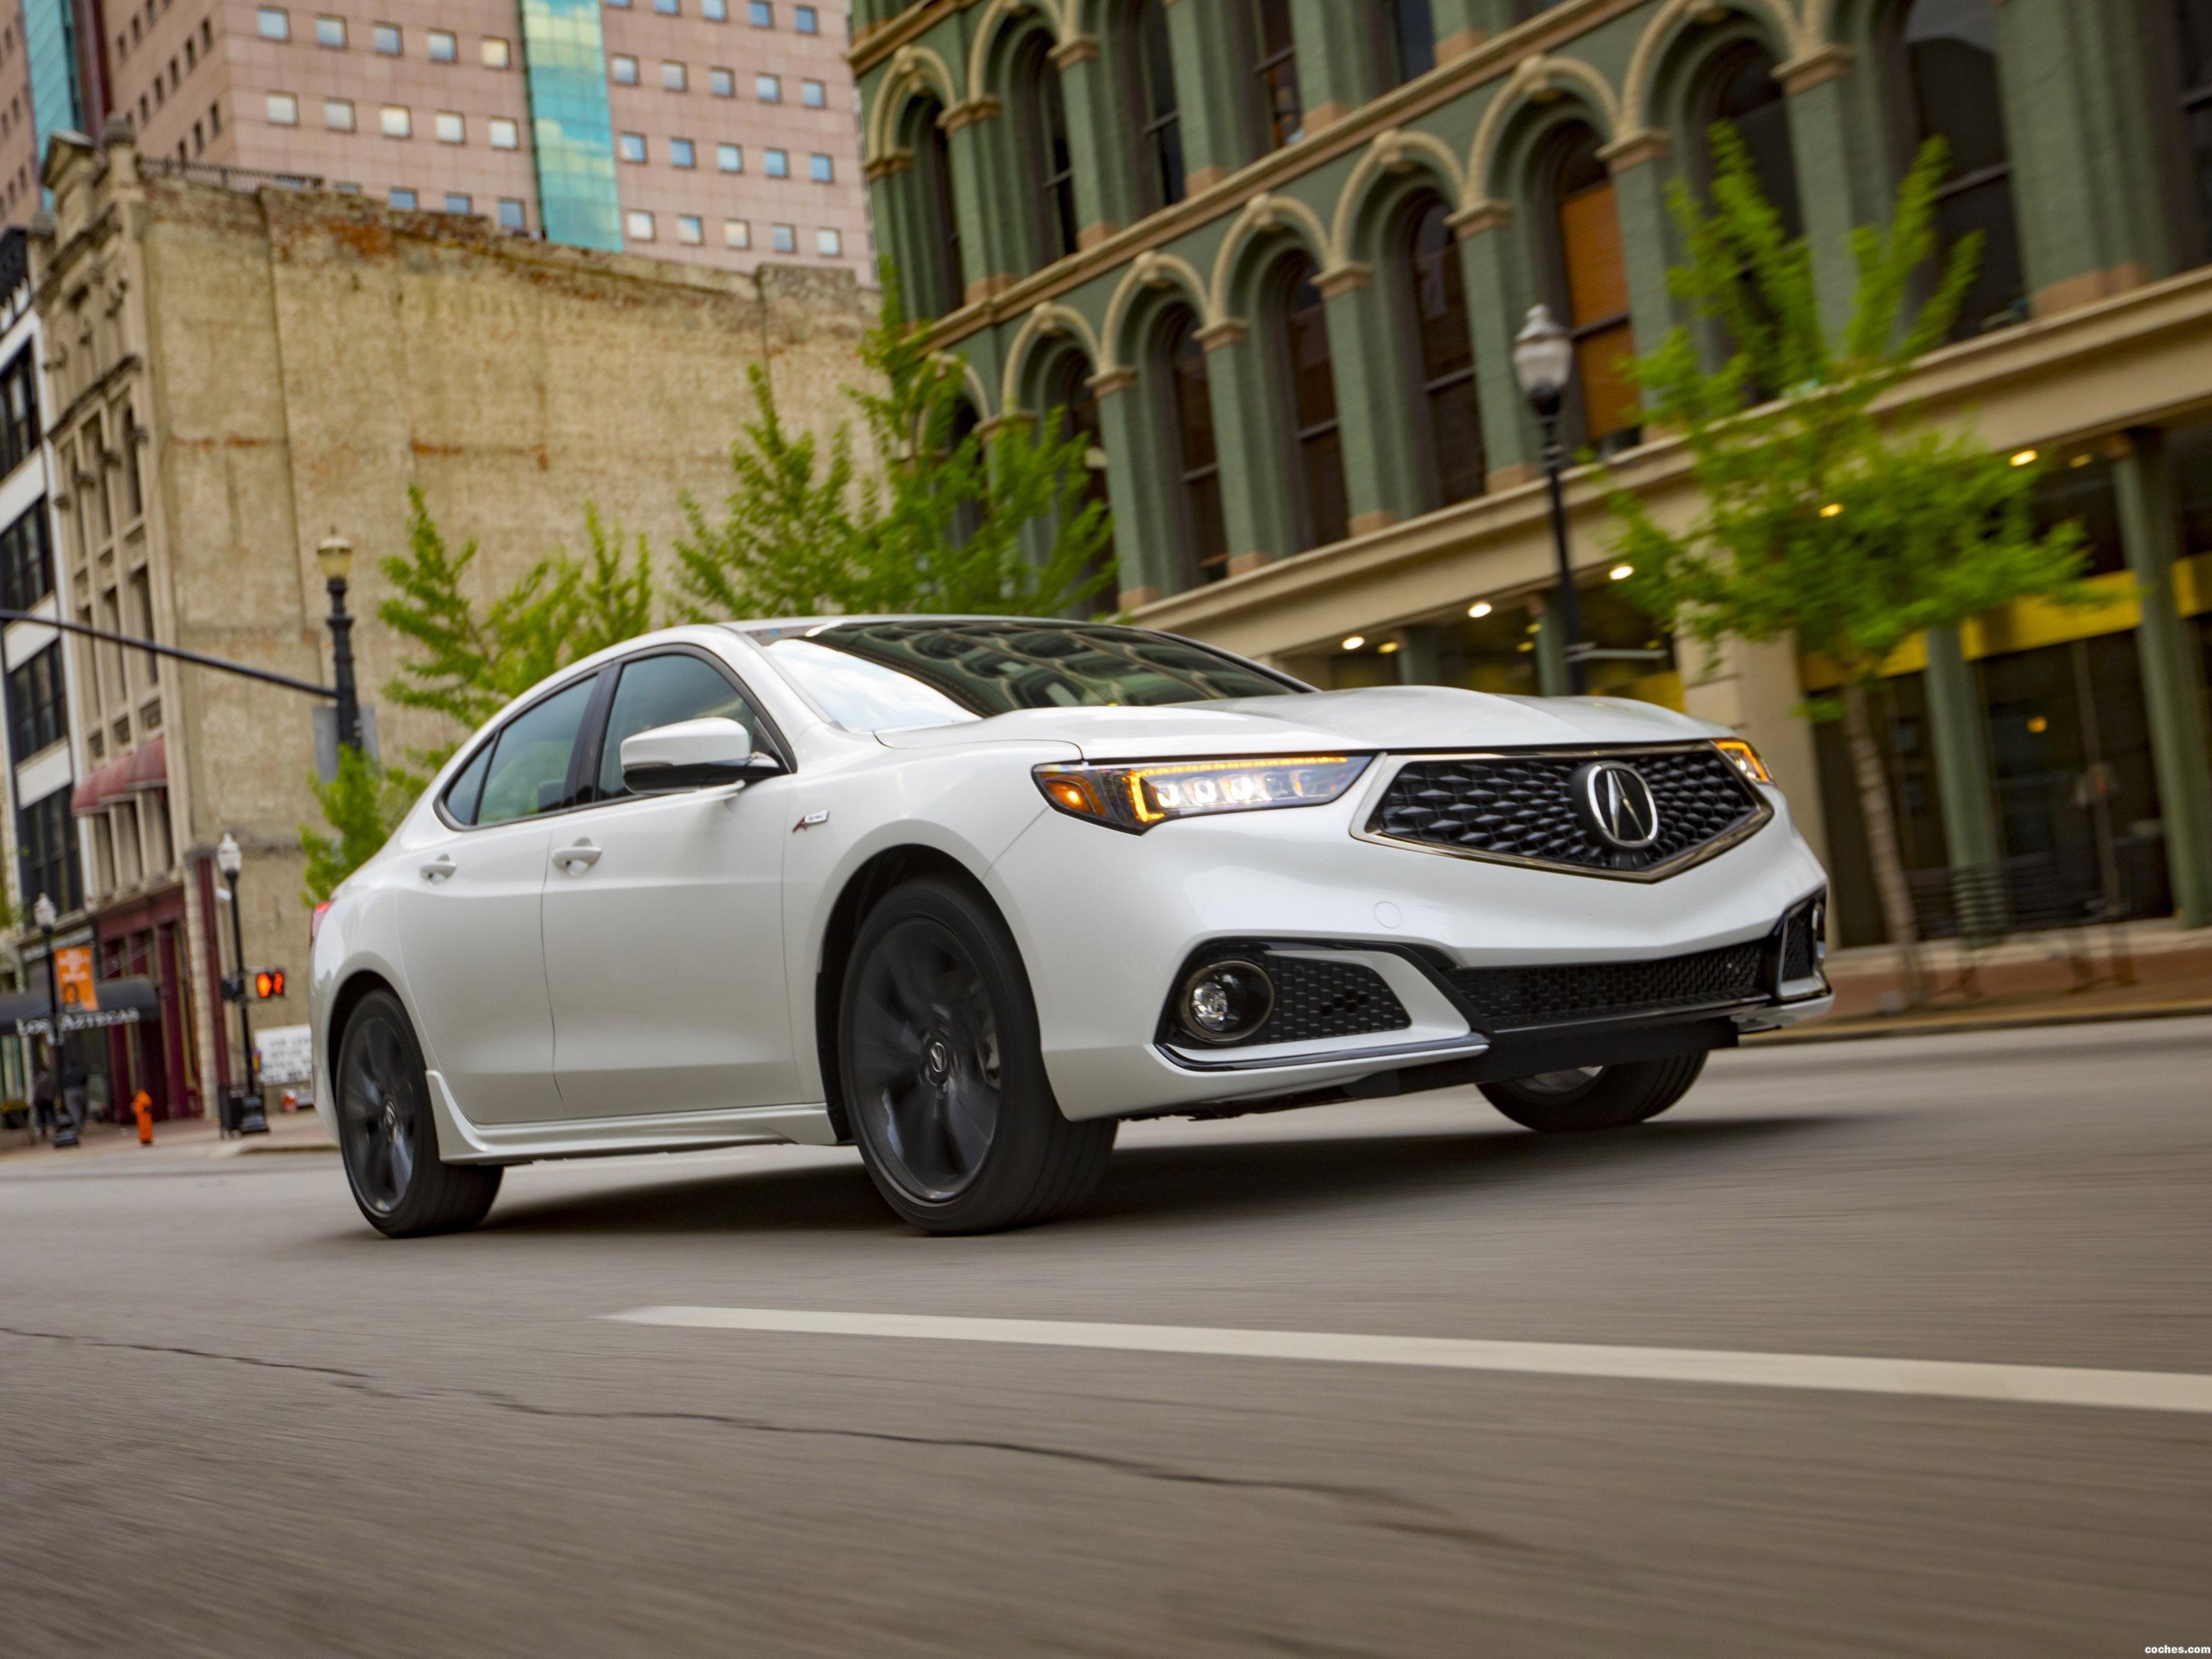 Foto 1 de Acura TLX A-Spec 2017